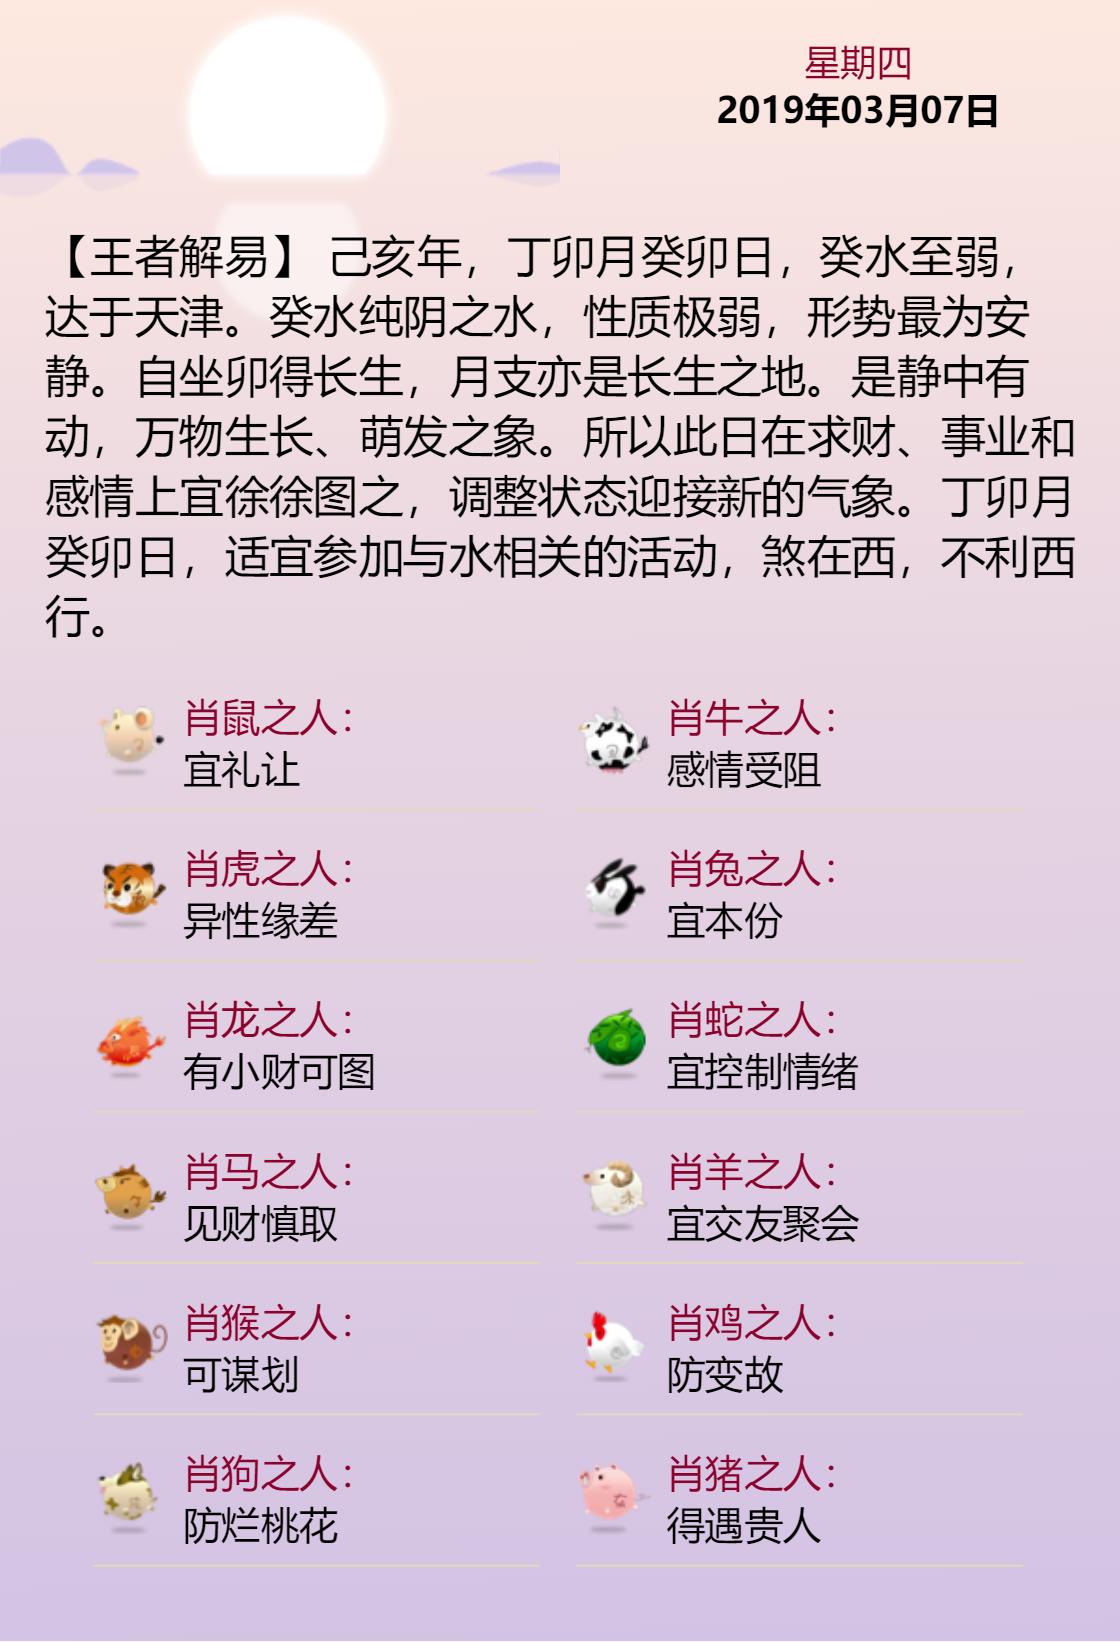 黄历海报20190307.png